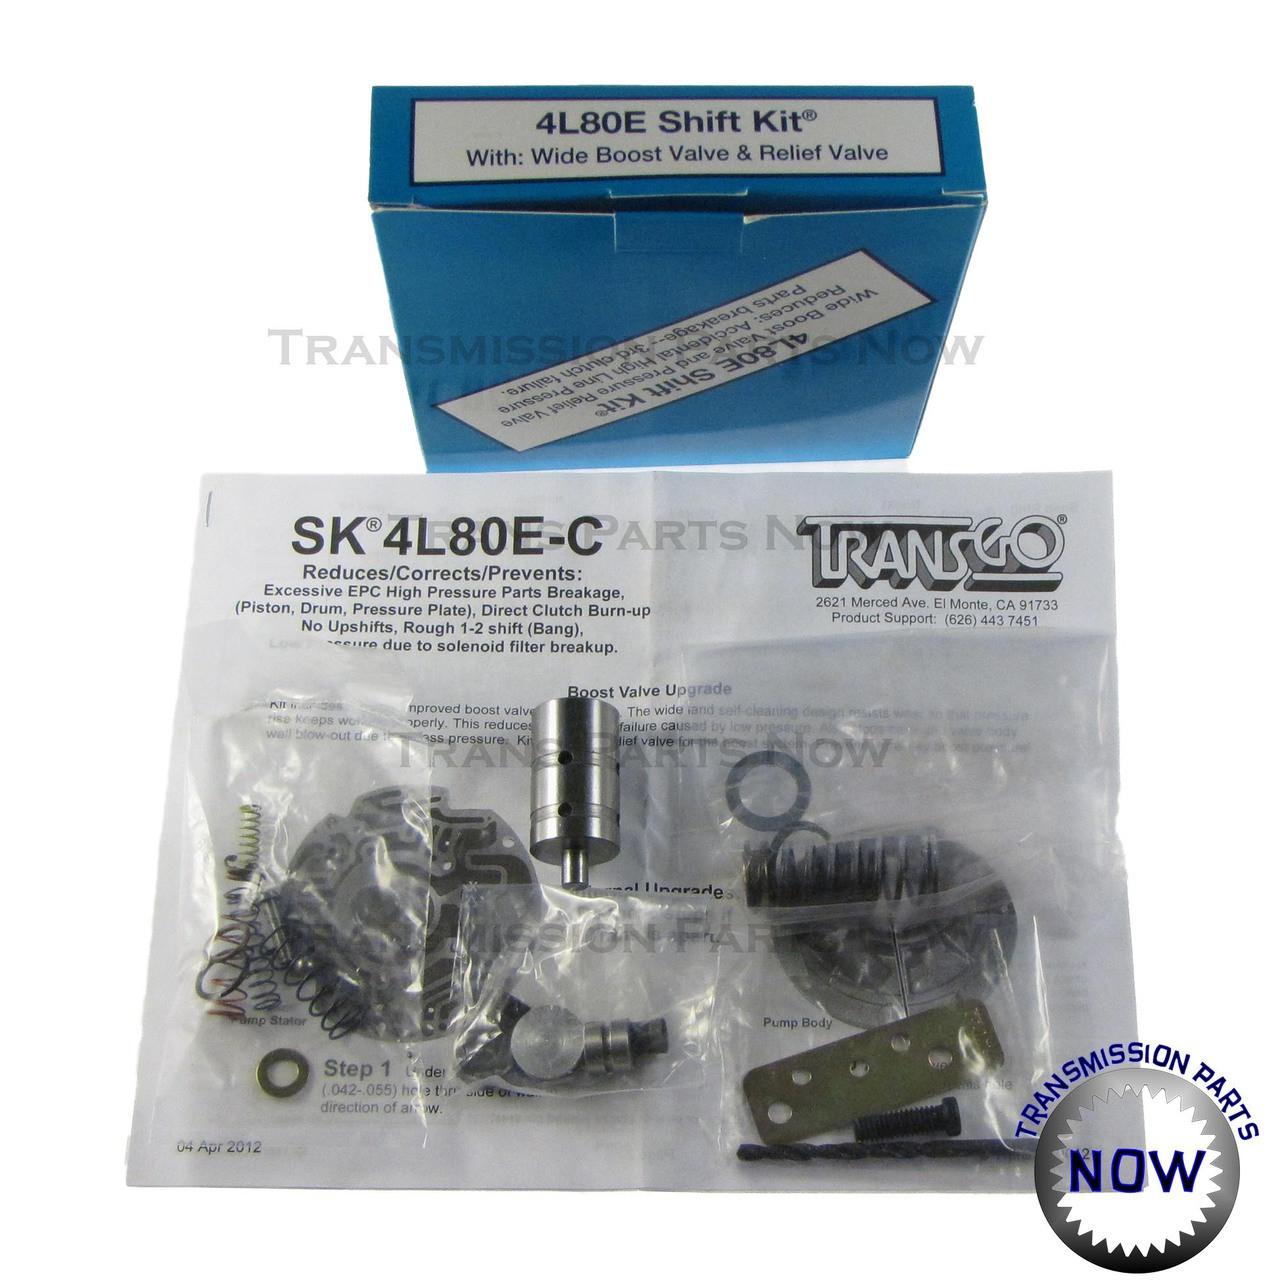 Transmission Parts, Shift Kits, Transgo, valve body, 1500, 2500, Silverado, Sierra, Suburban,  Heavy Duty, Shift upgrades, Sk4L80E, SK4L80, 4L80, 4L80E, 4L85, 4L85E